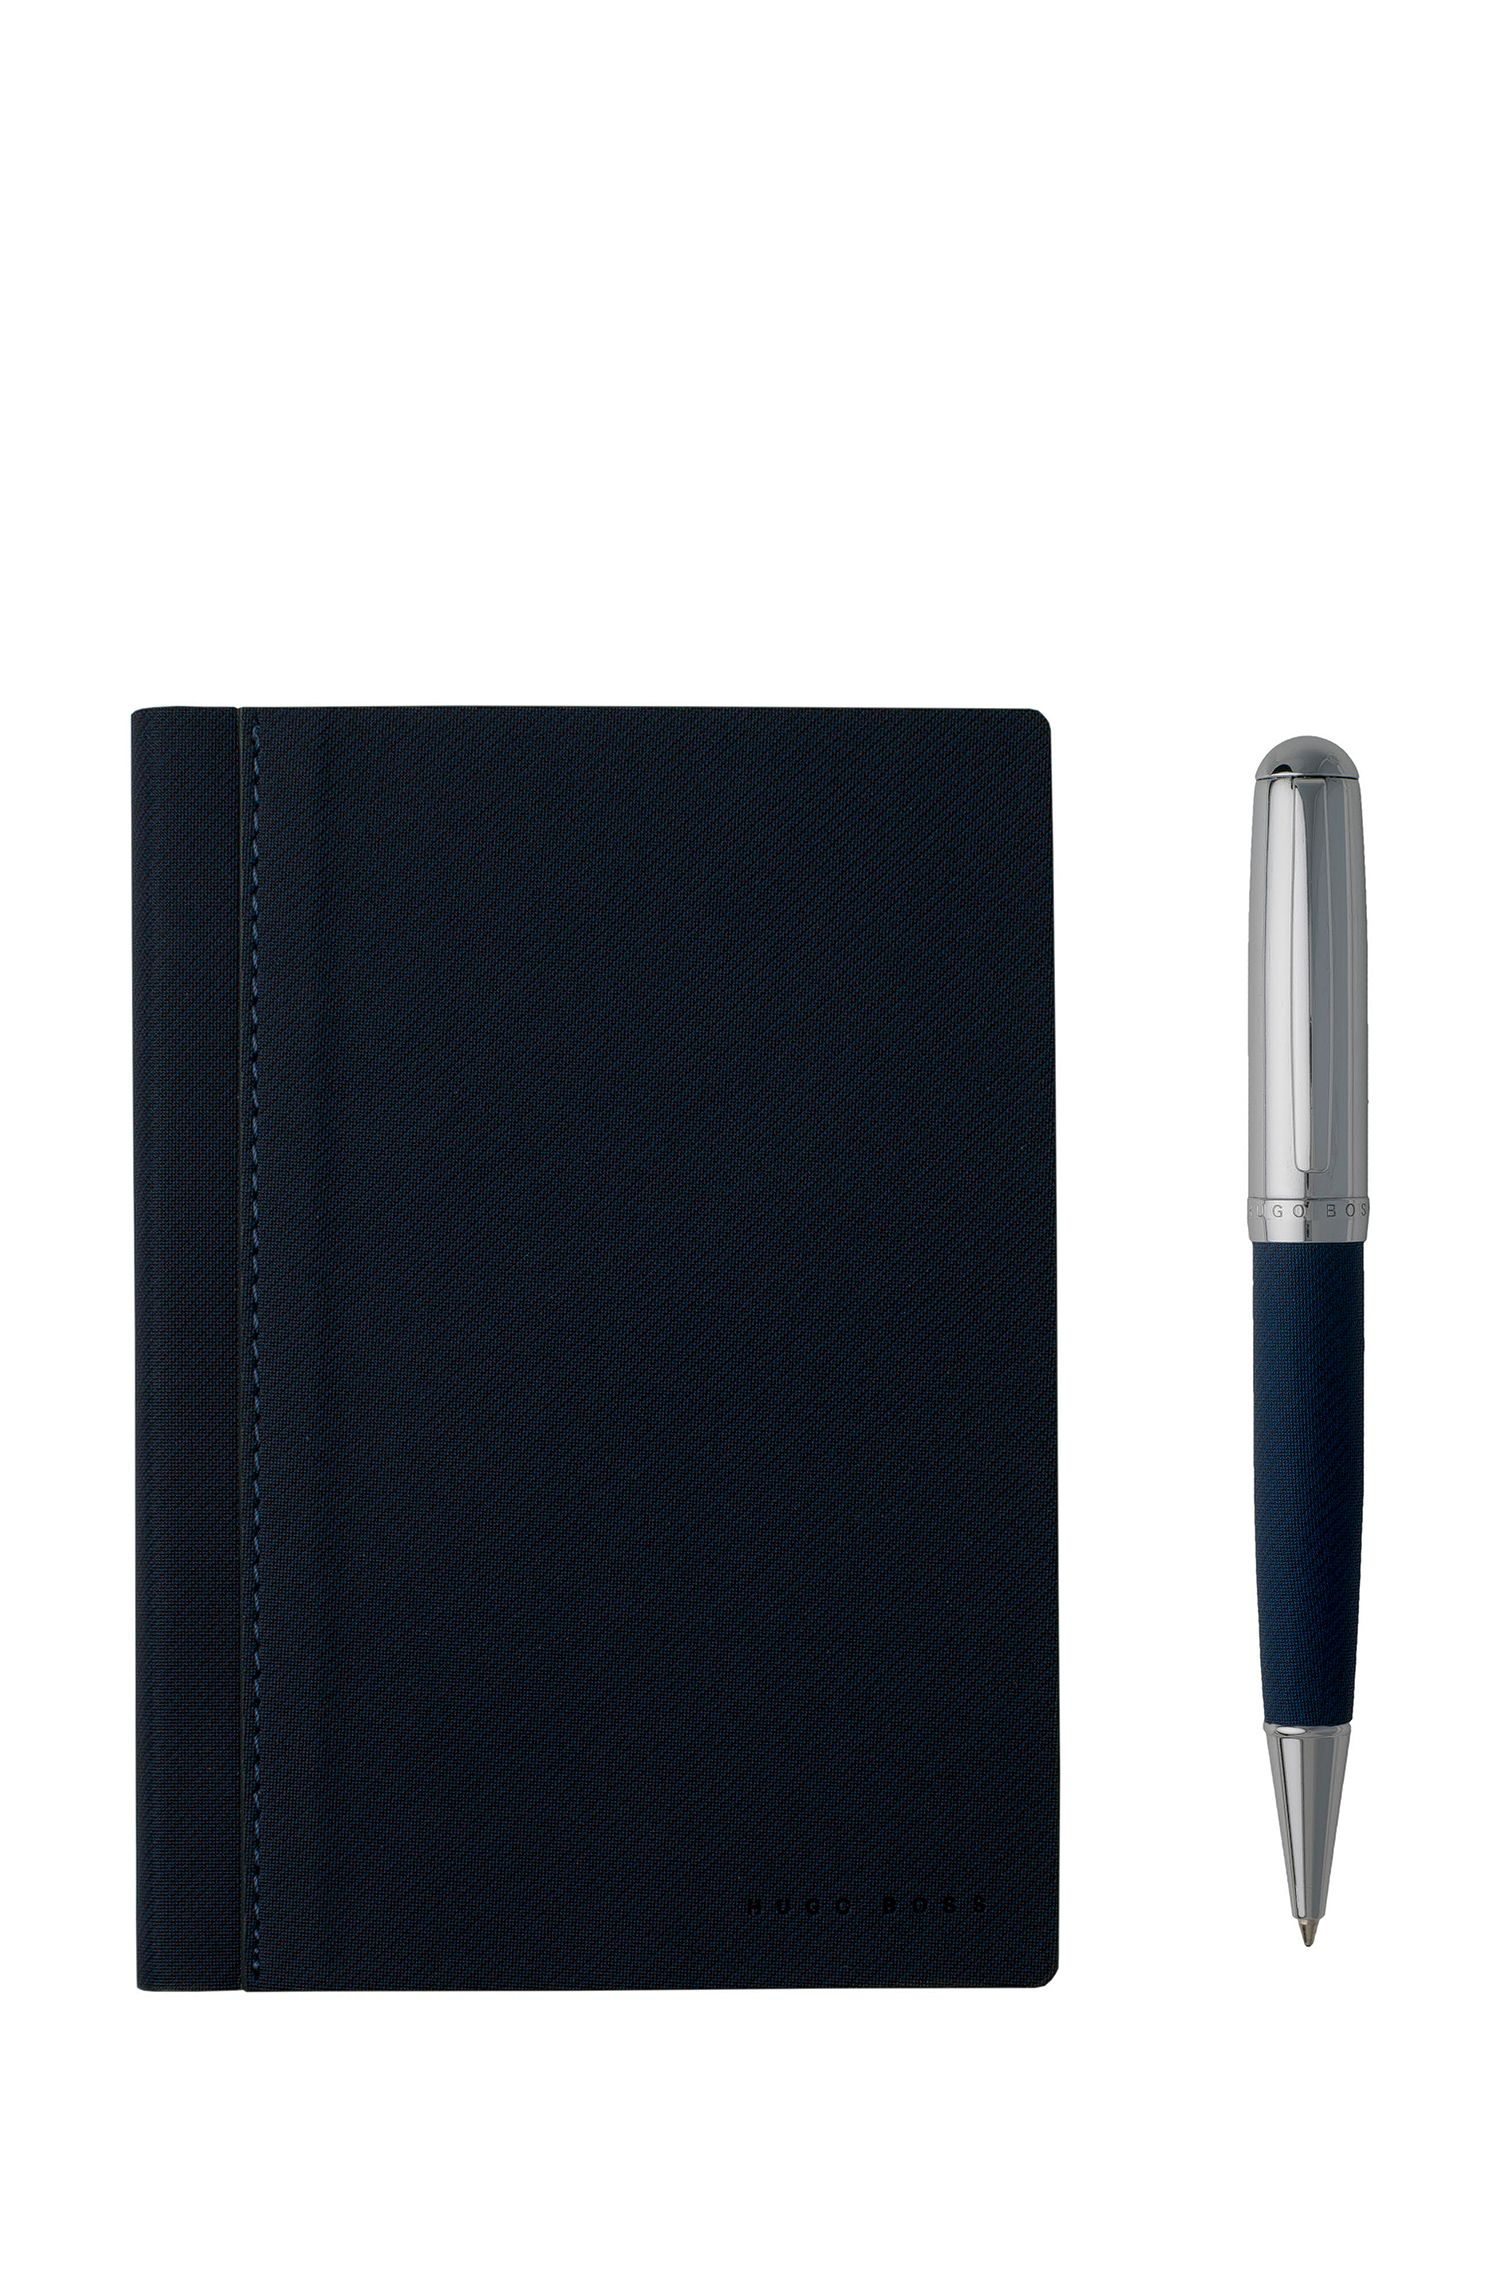 Cadeauset van blauw materiaal met A6-notitieblok en balpen